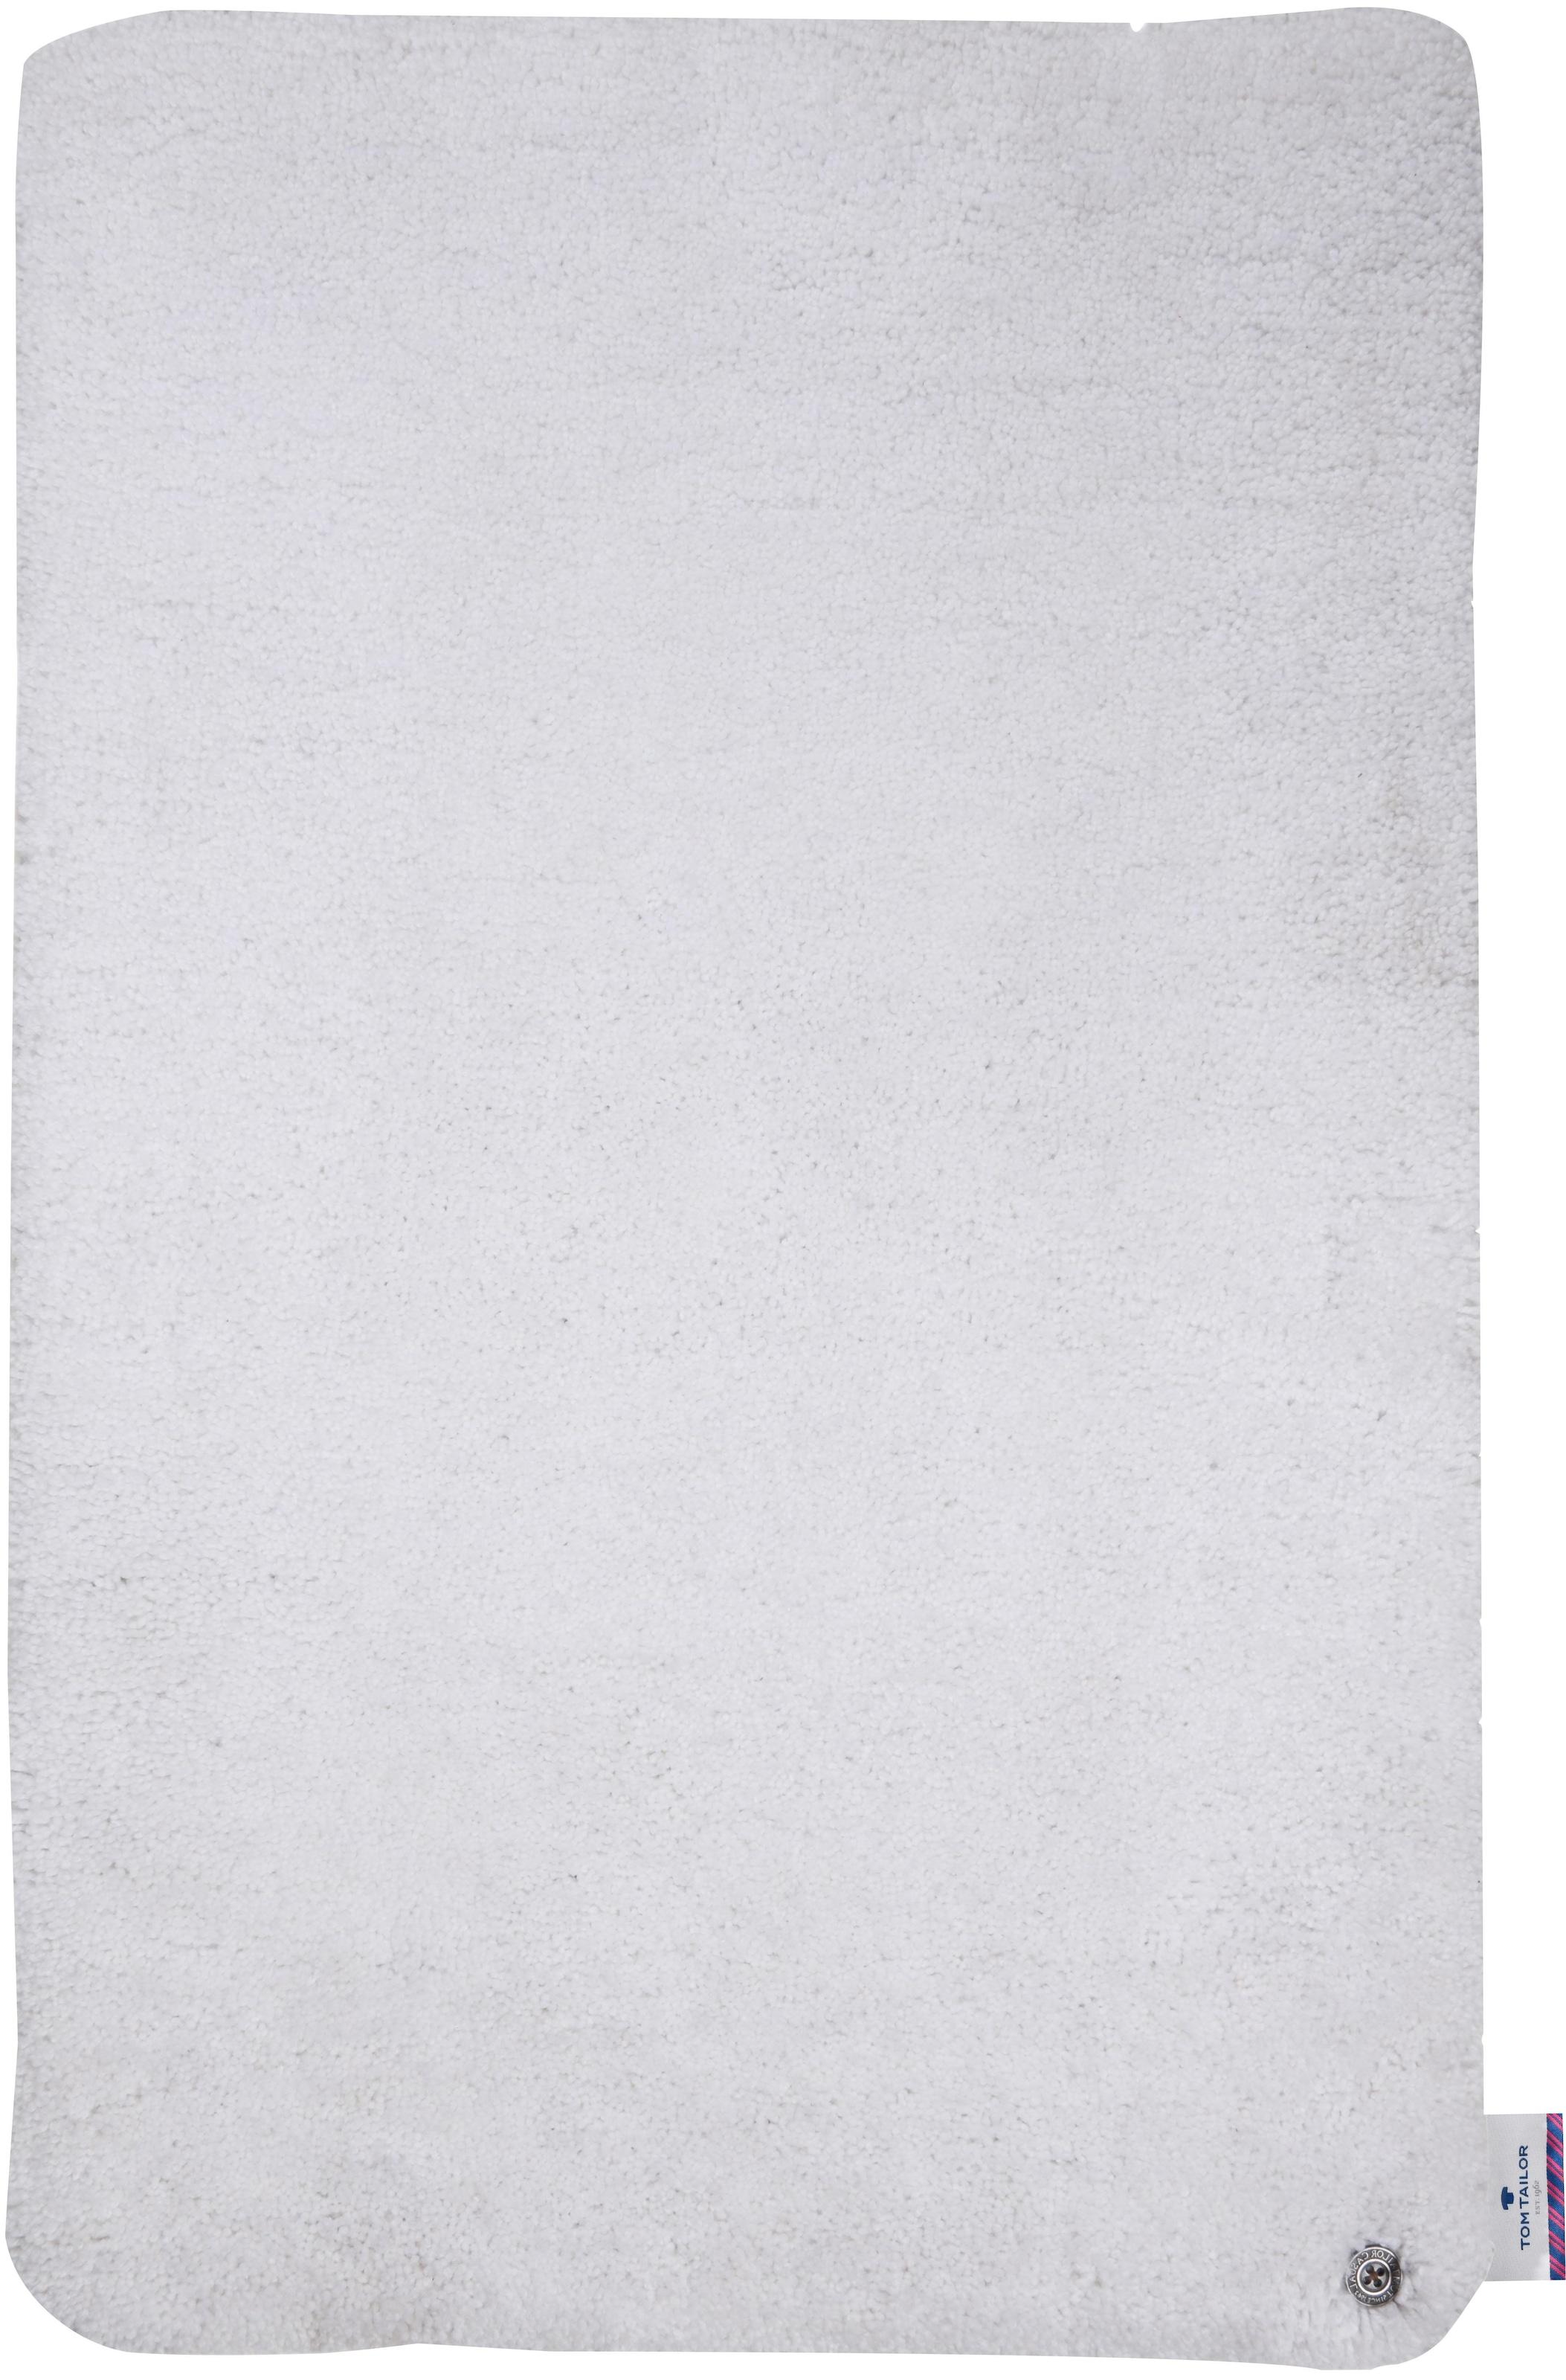 Image of Badematte »Soft Bath«, TOM TAILOR, Höhe 25 mm, rutschhemmend beschichtet